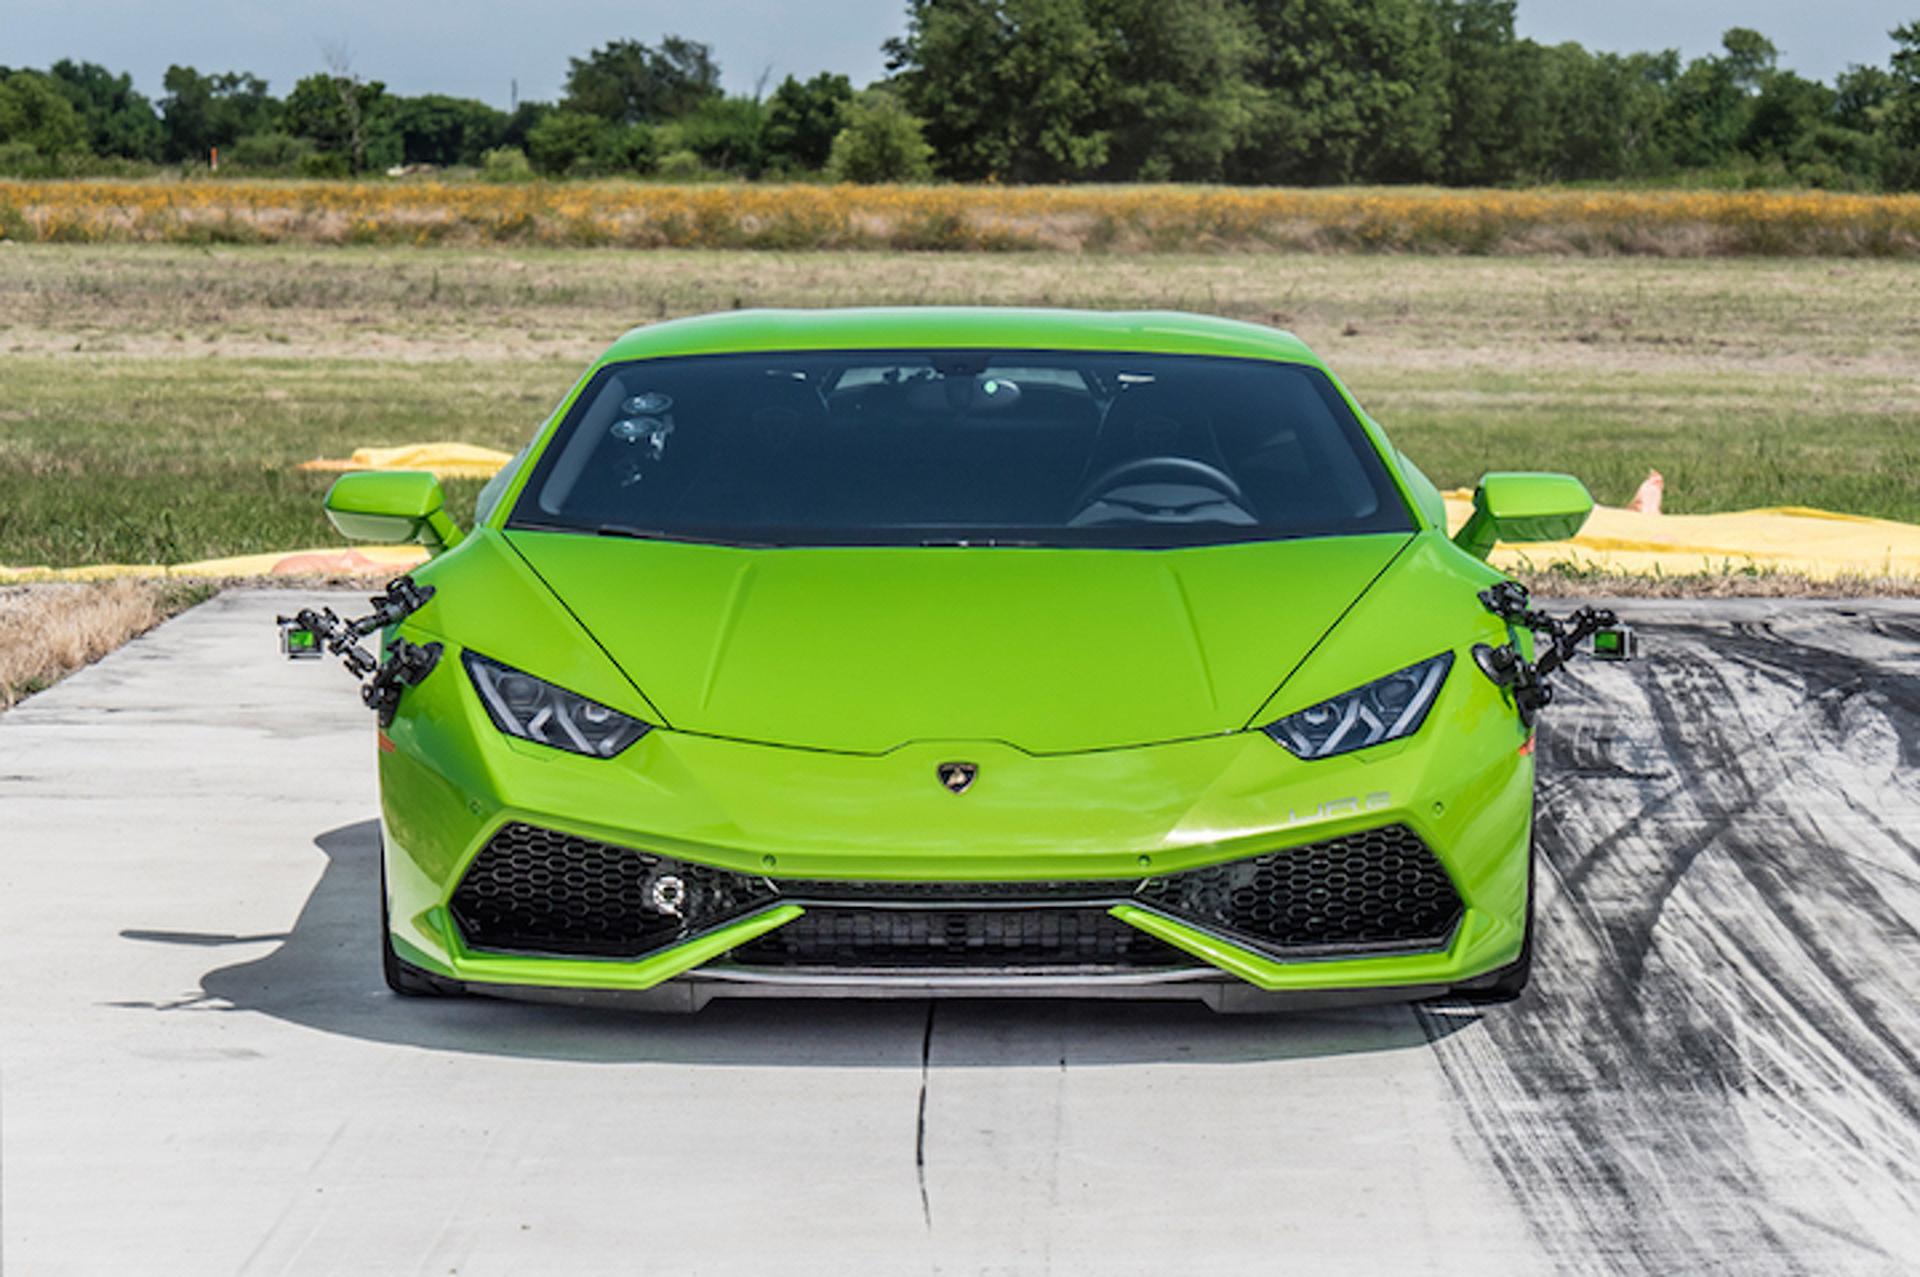 2,100-HP World Record Lamborghini Huracan Hits the Used Market